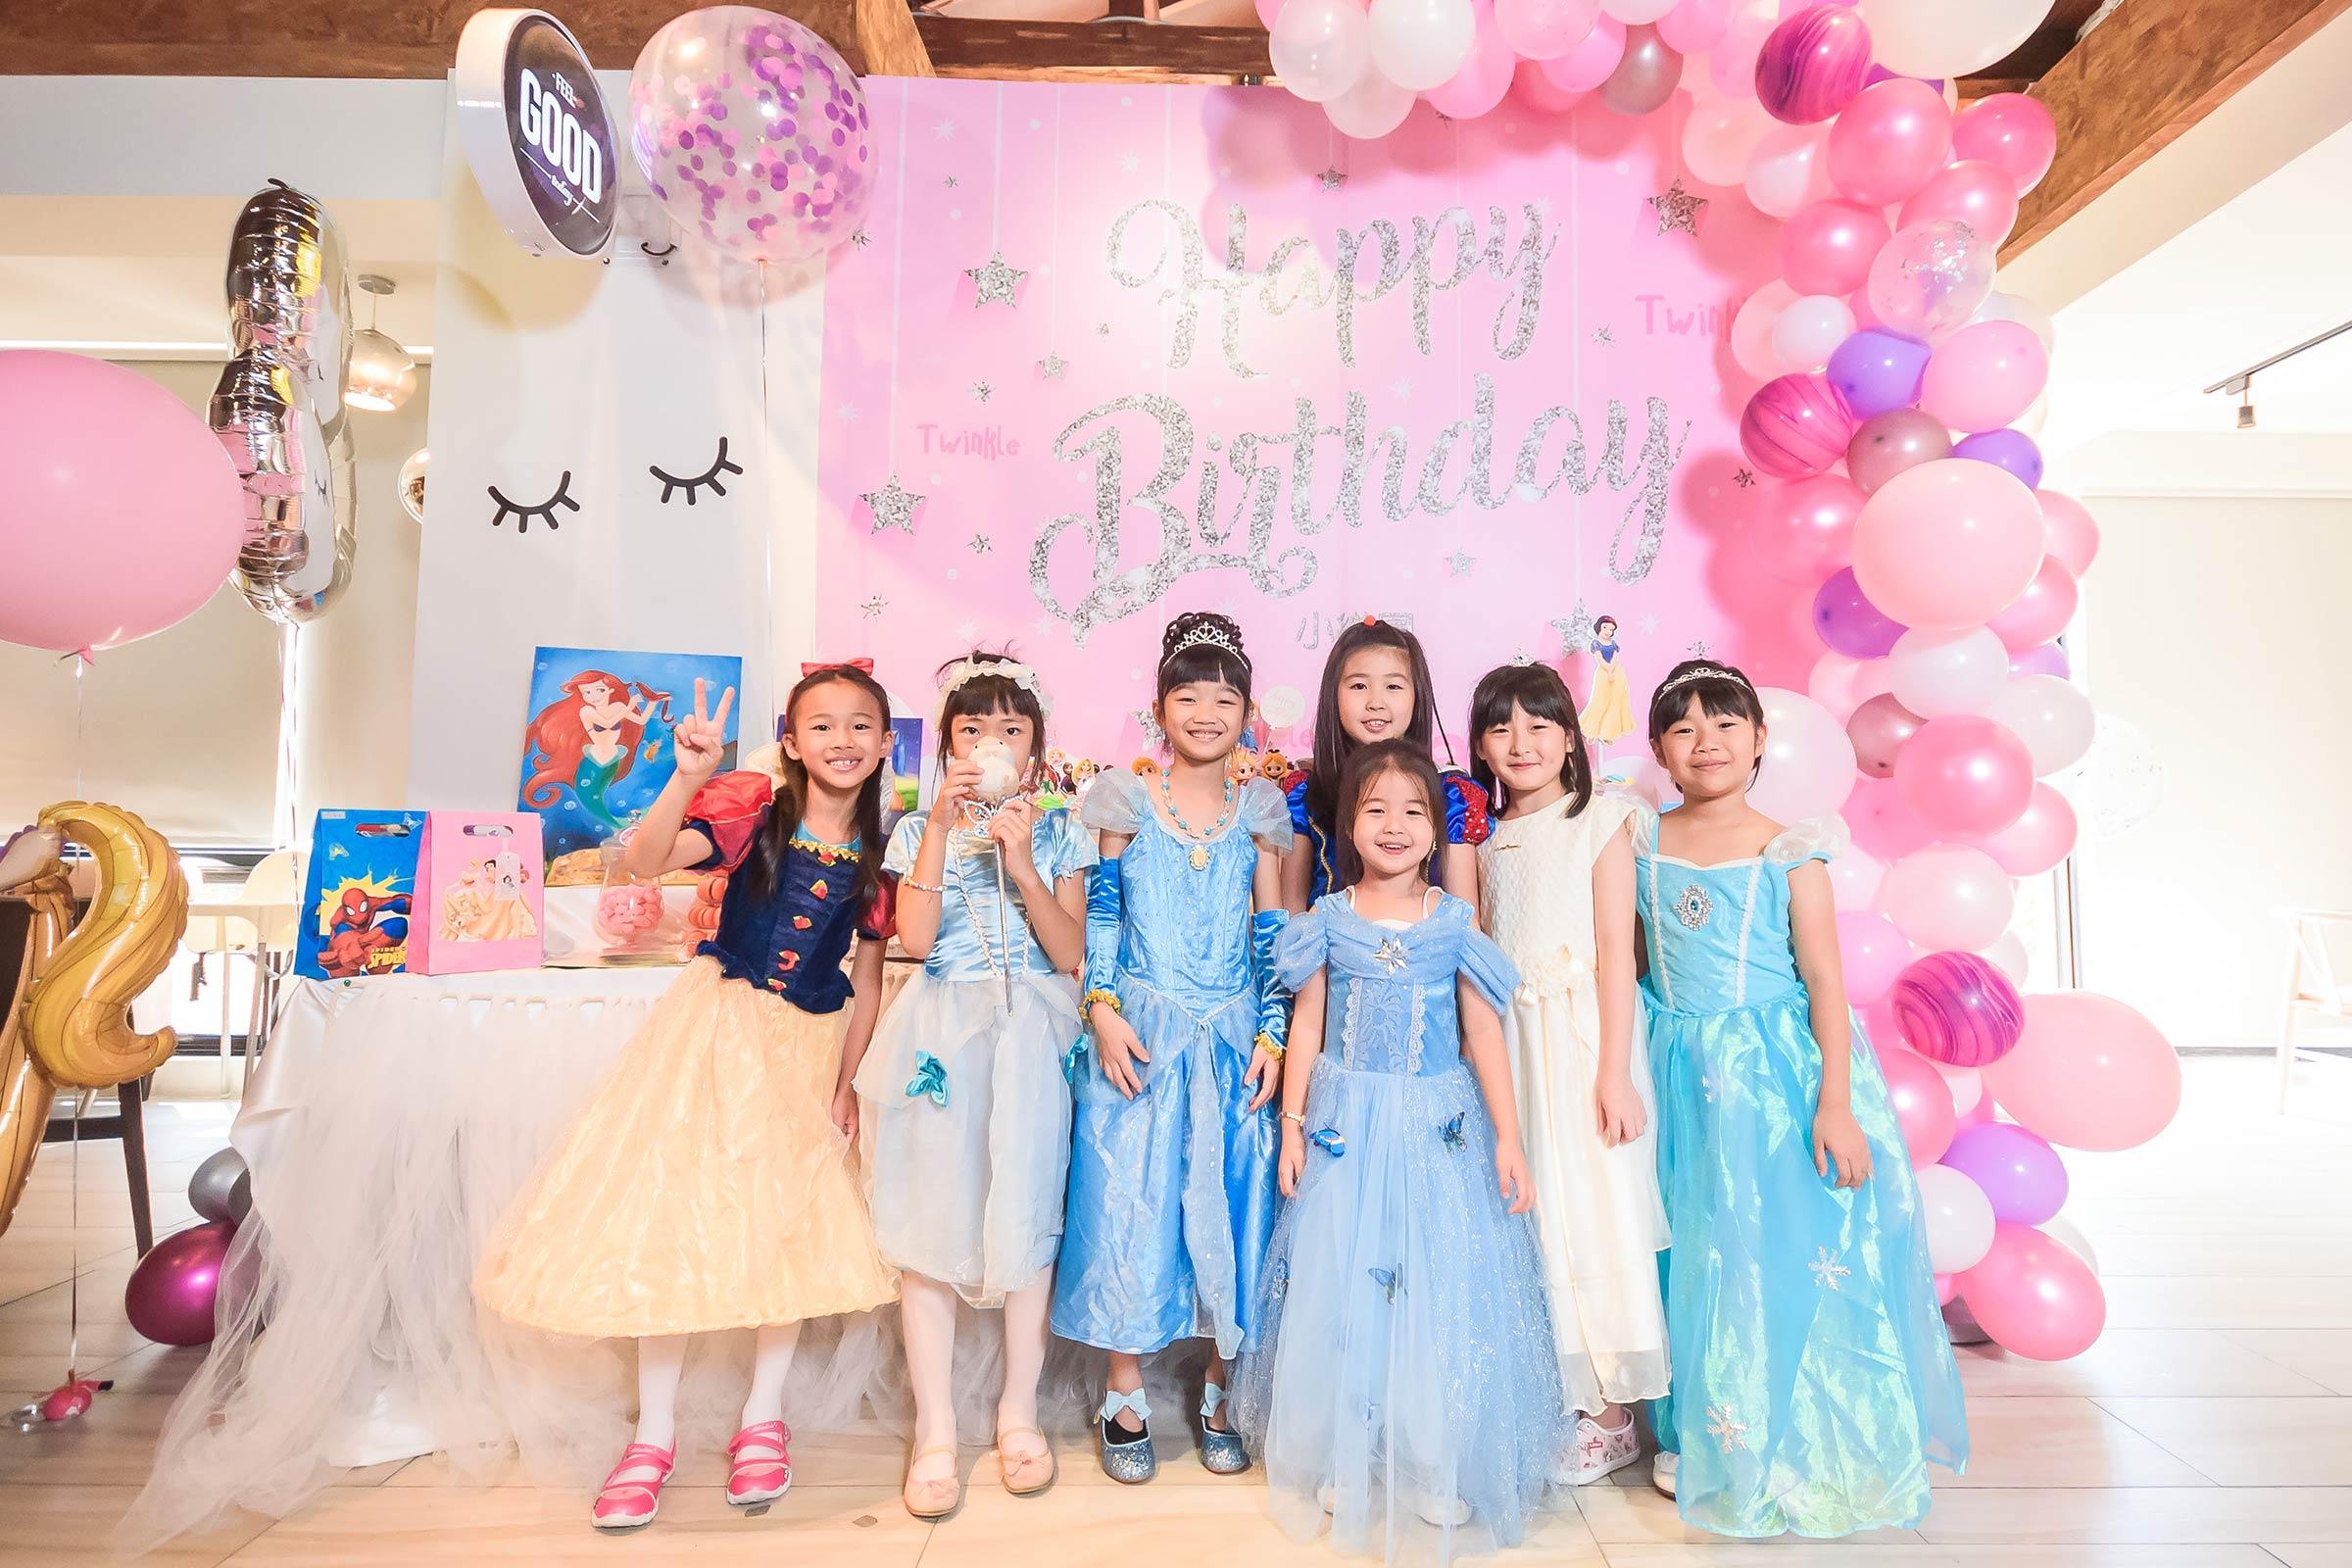 活動紀錄攝影 生日派對攝影 小公主生日派對 生日派對專業攝影 小樂圓生日派對